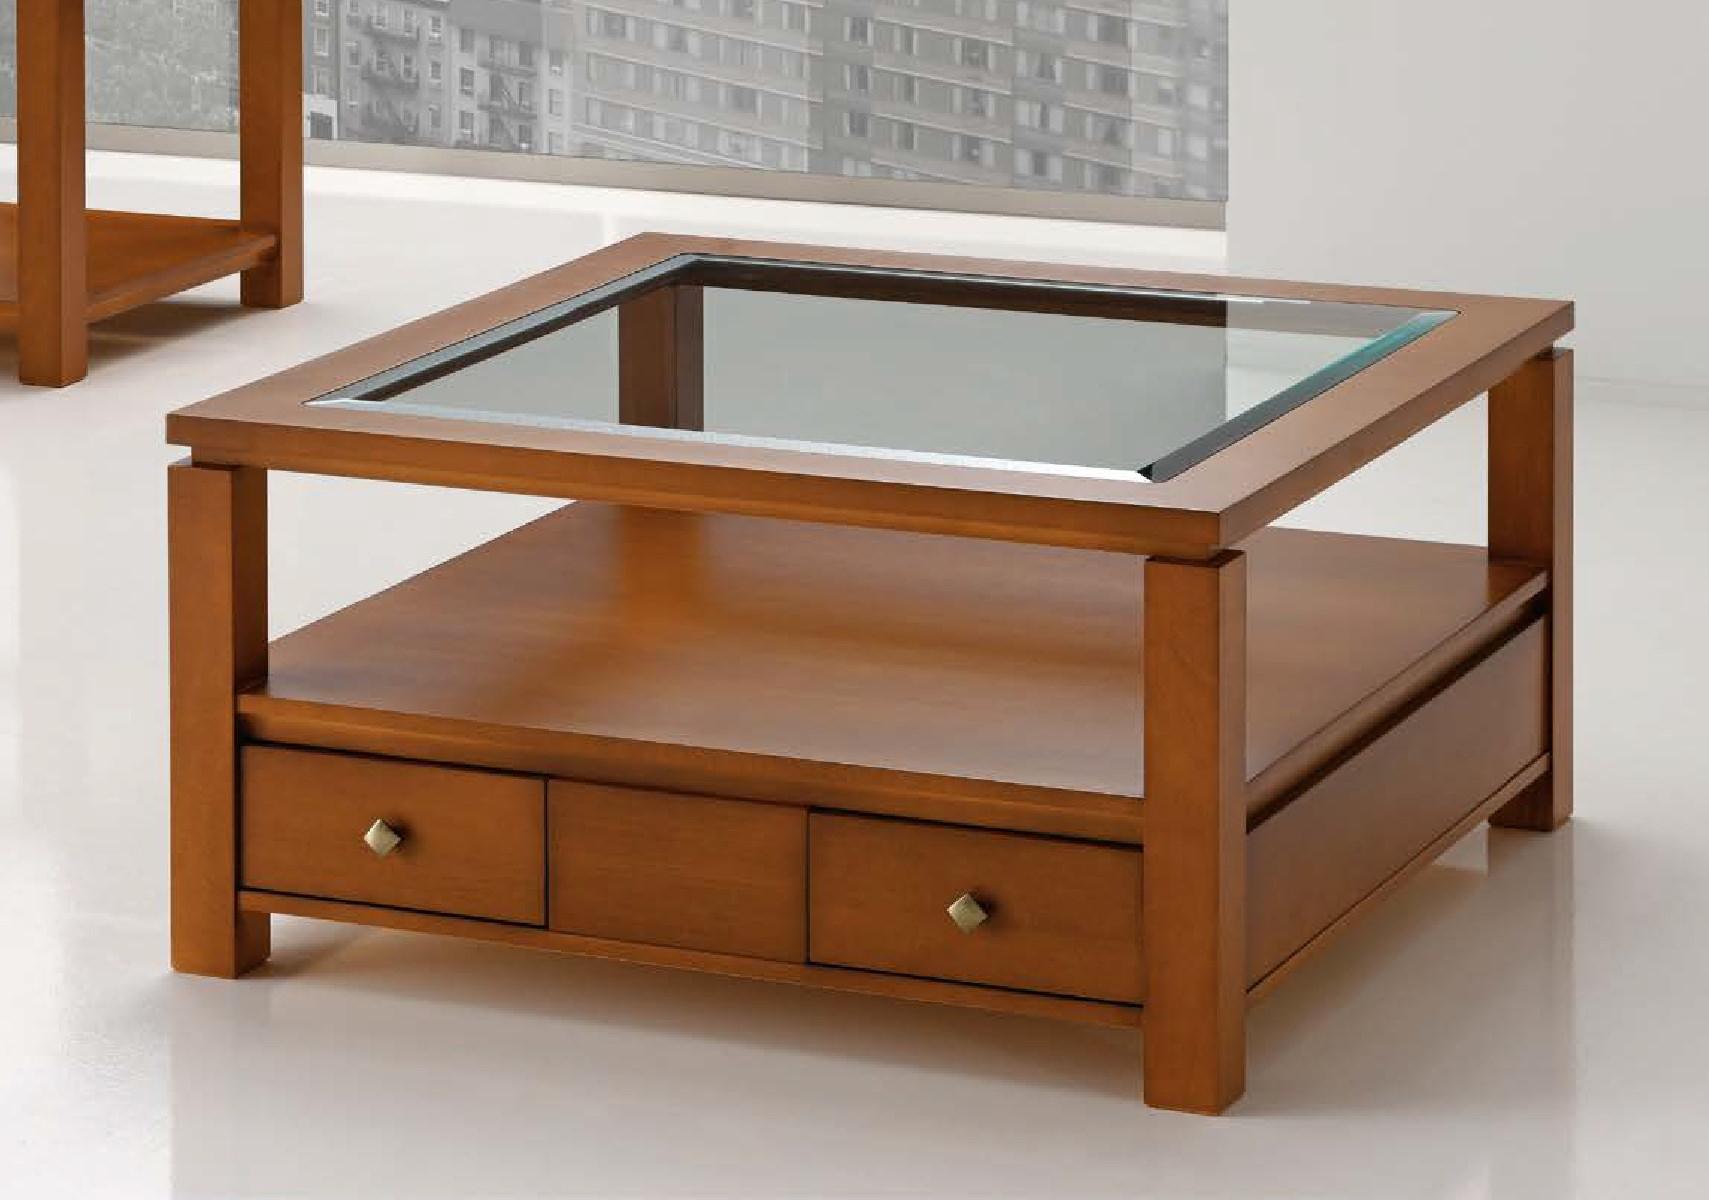 Журнальный стол квадратный 48 Disemobel